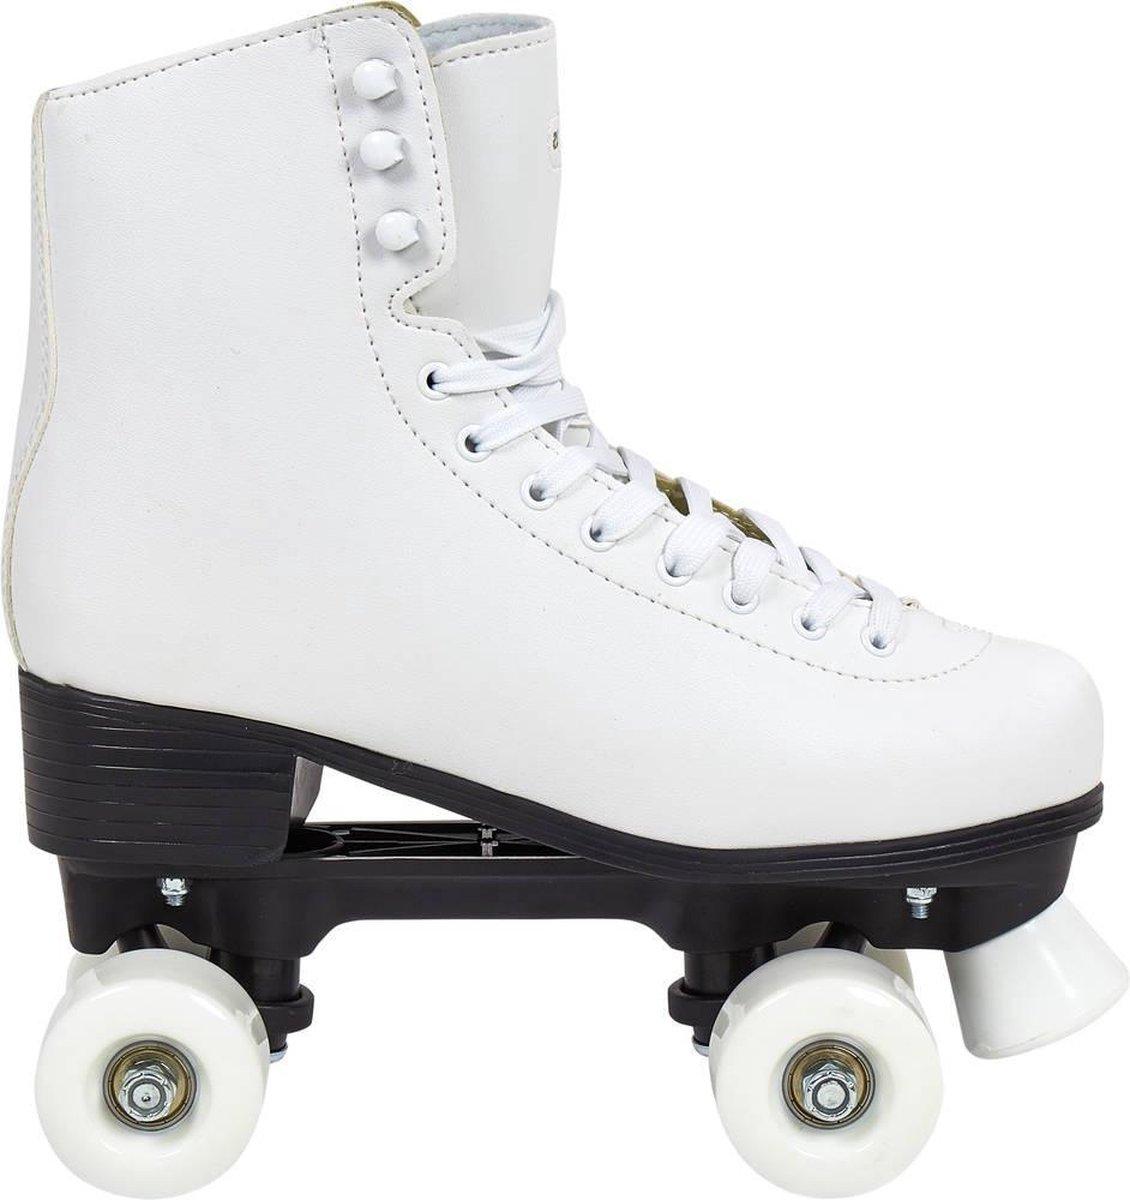 Roces Rc1 Rolschaatsen Dames Wit Maat 41